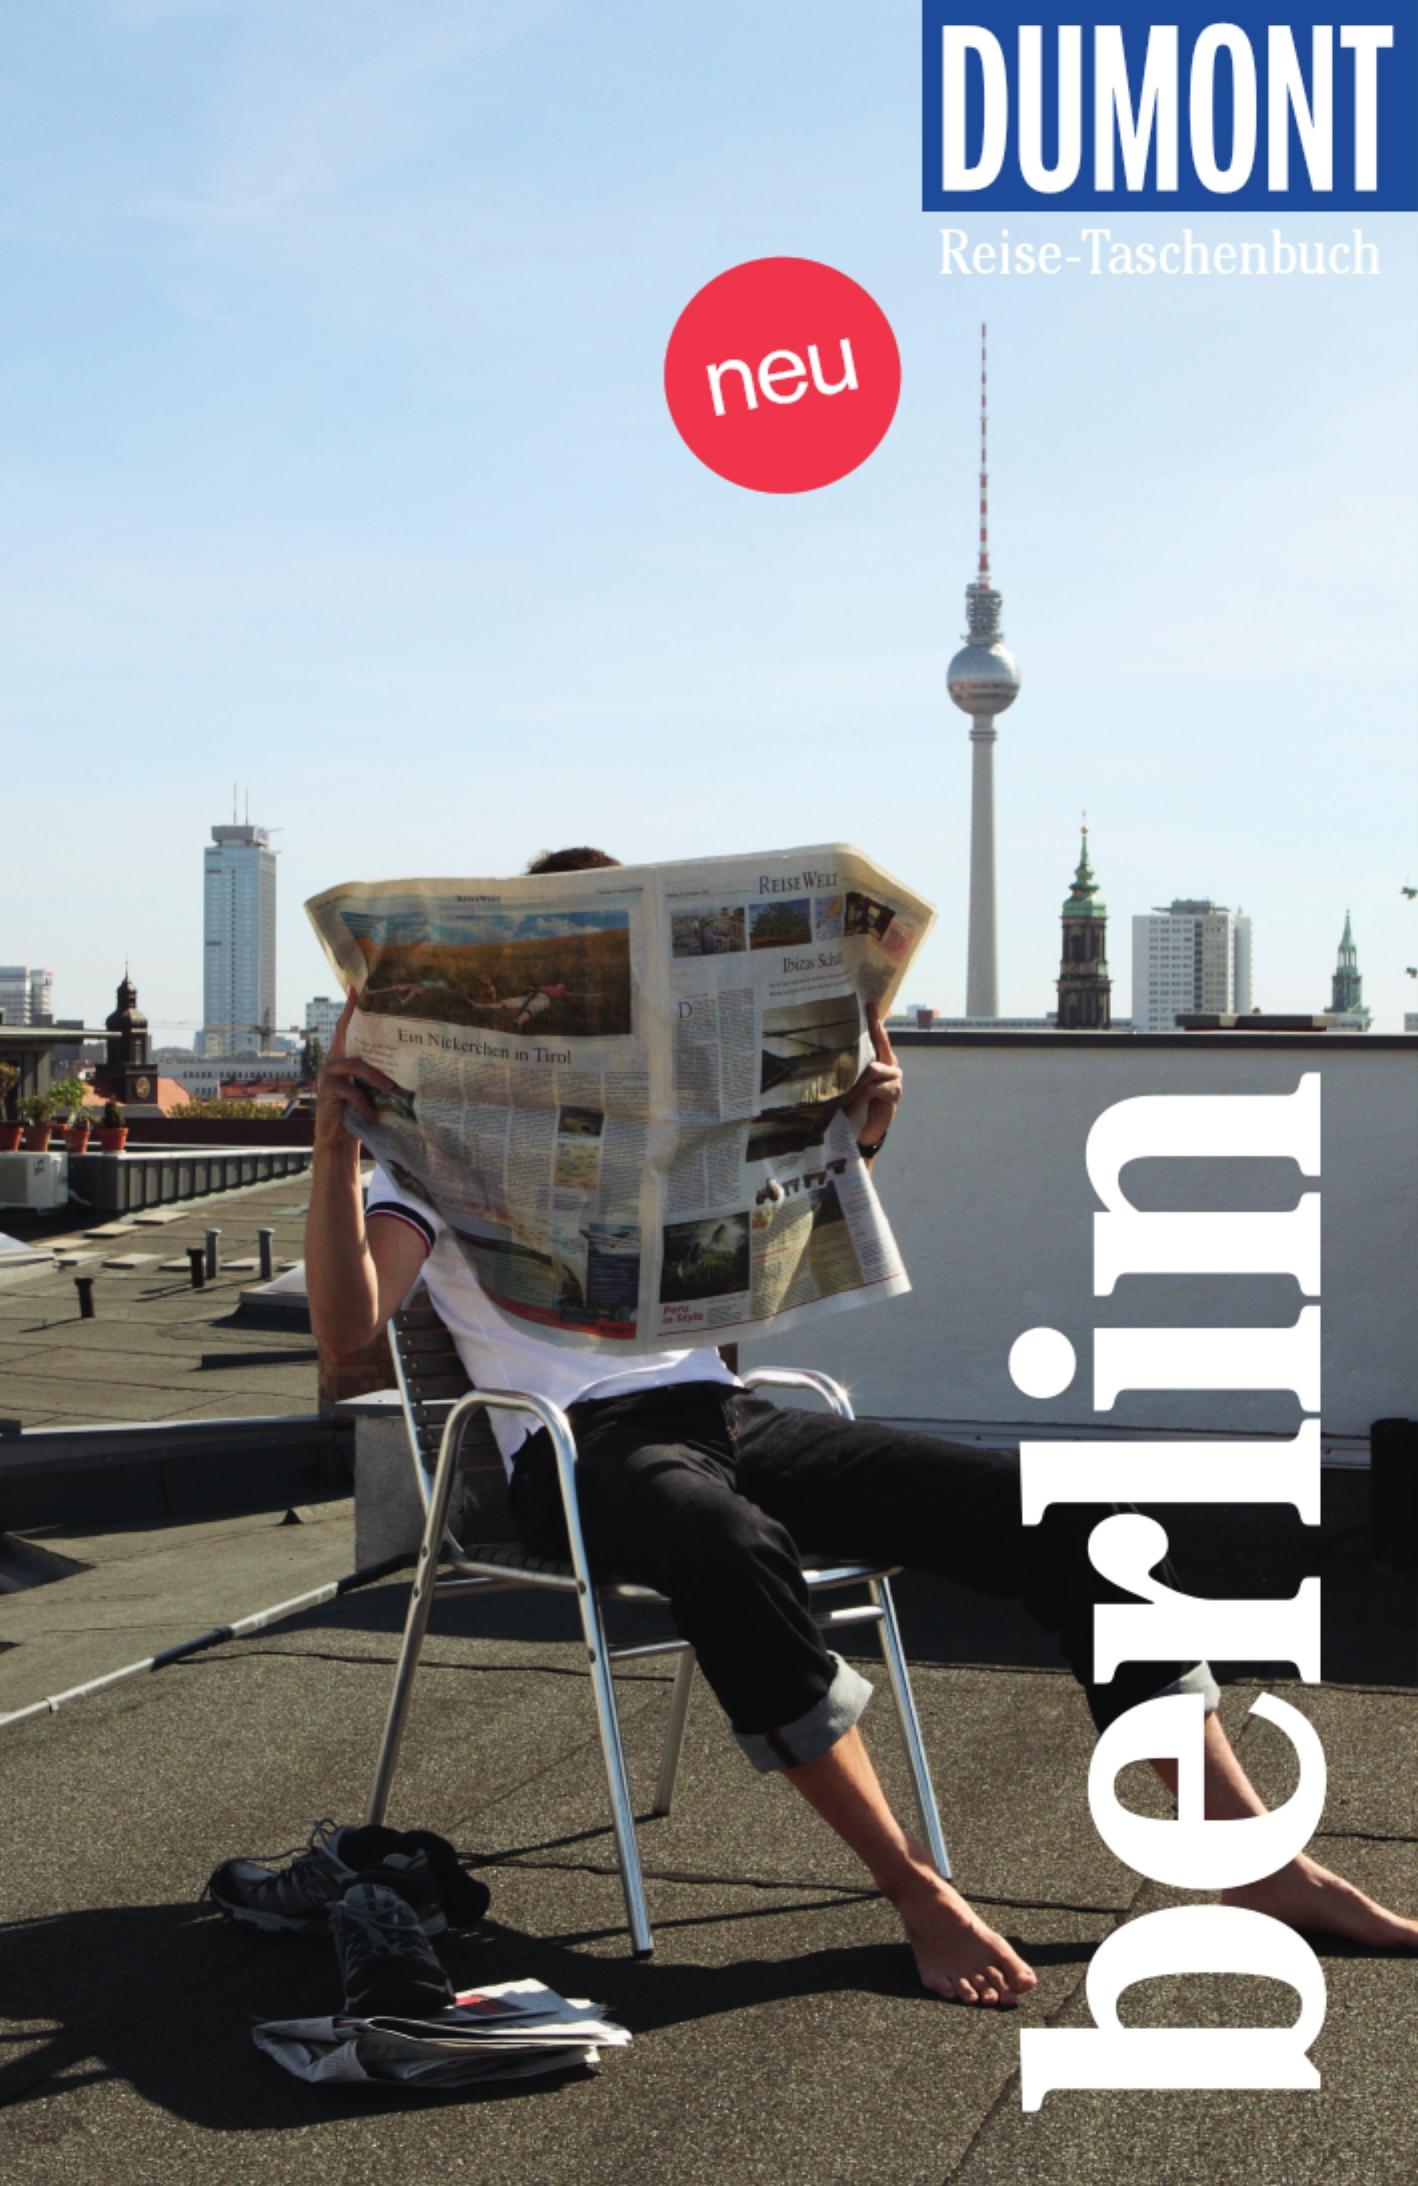 DuMont Reise-Taschenbuch – Berlin (Cover)